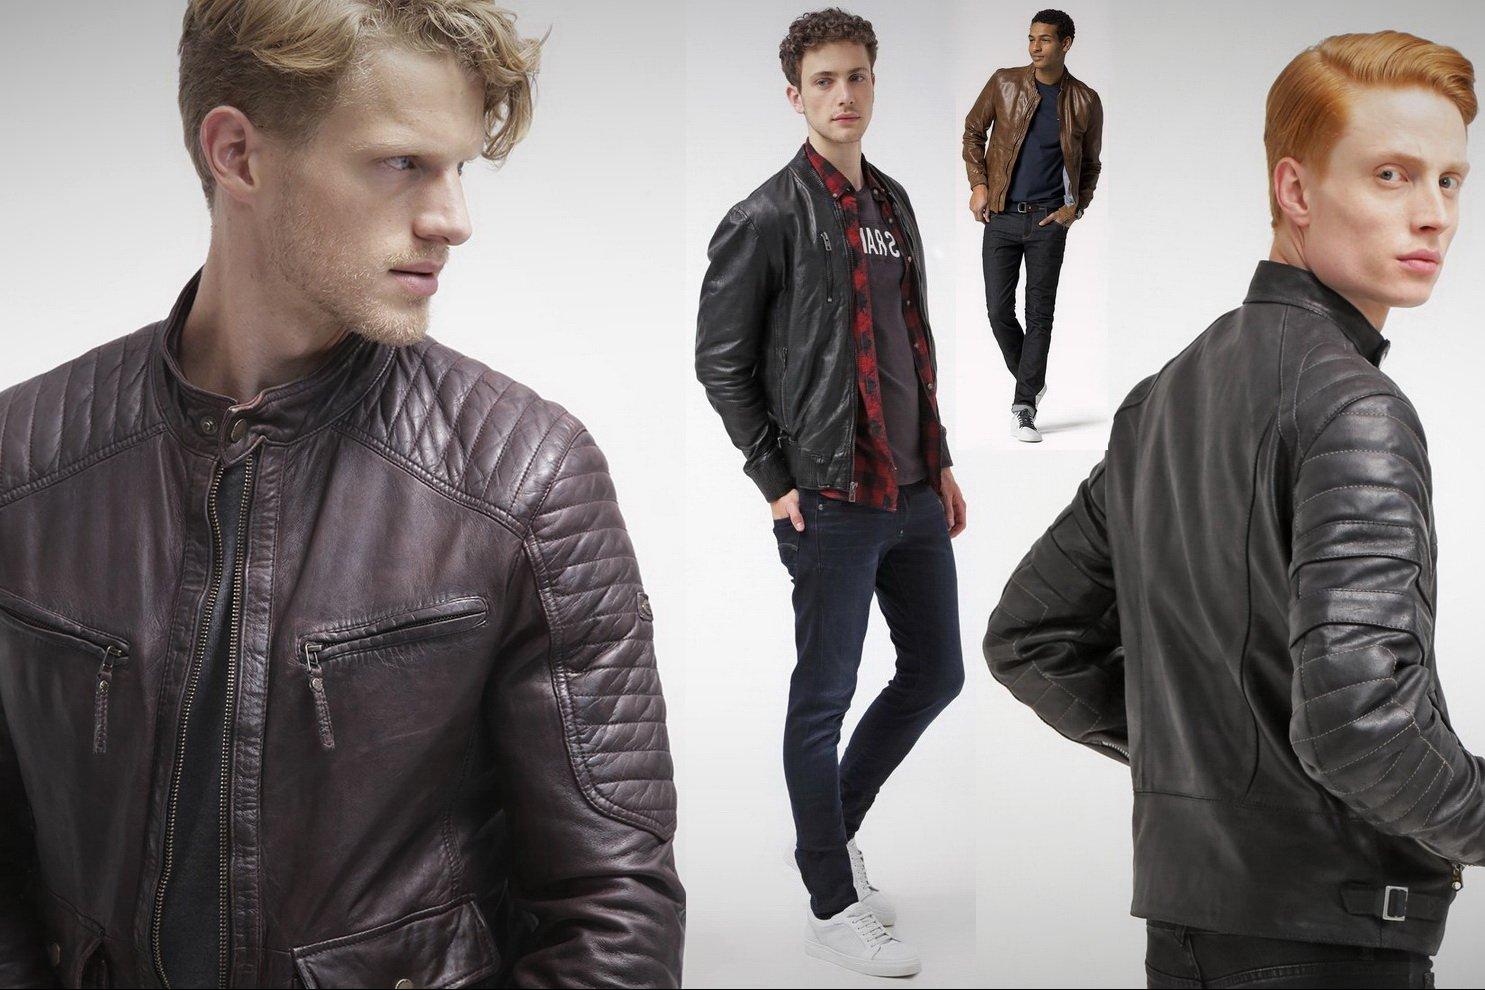 963bf1d13d56 Можно ли стирать кожаную куртку в домашних условиях и как это делать  правильно + фото, видео и отзывы. ]]